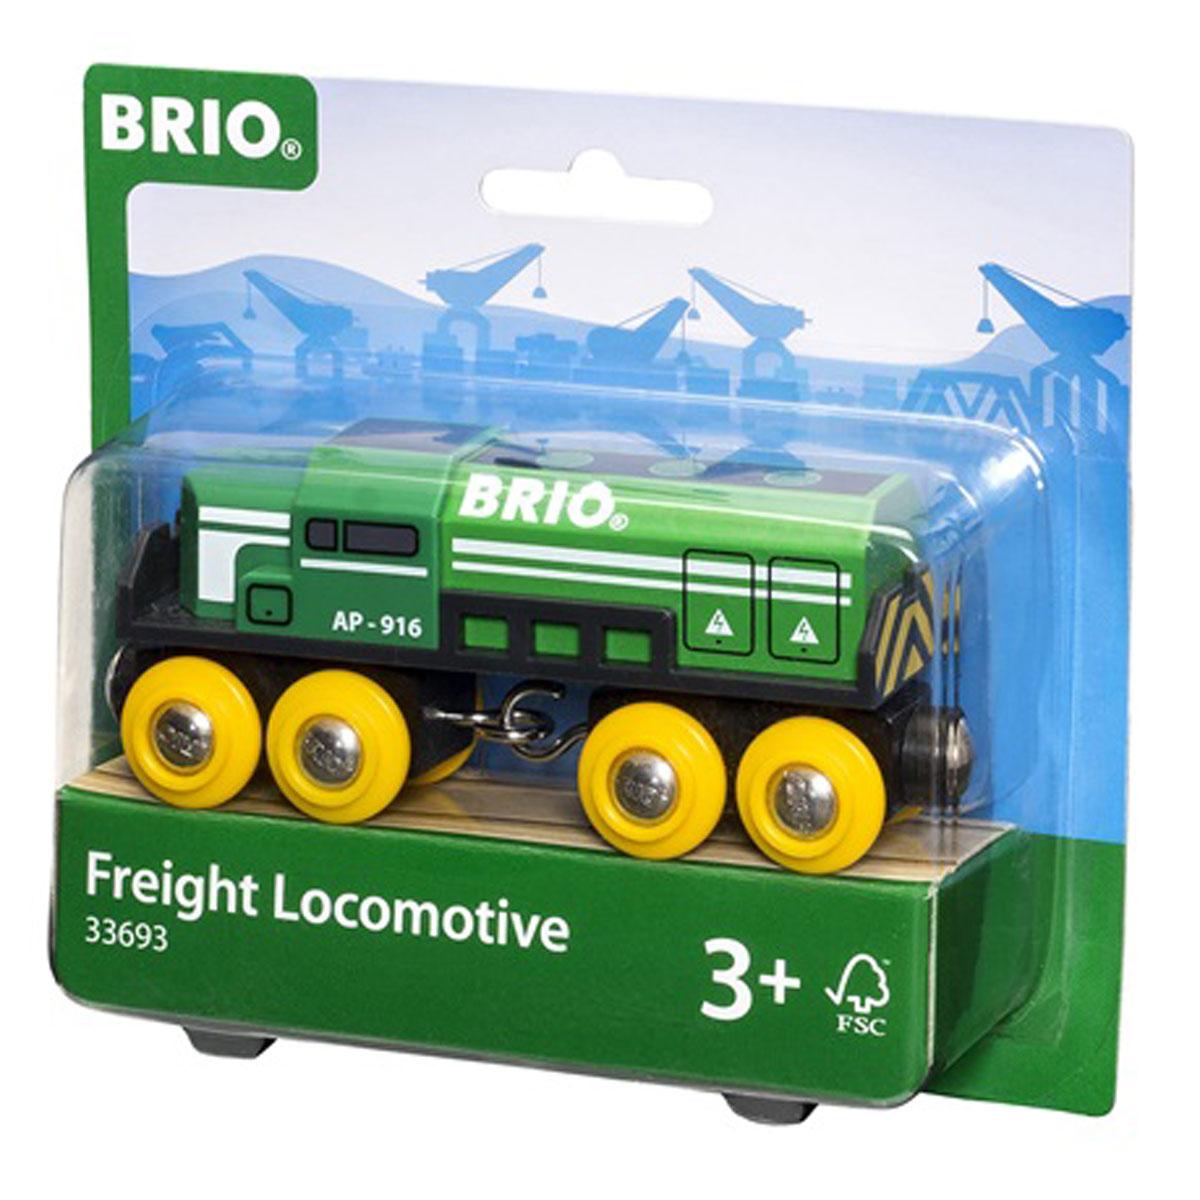 Brio Паровоз-локомотив грузовой33693Вашему ребенку обязательно пригодится в игре с железной дорогой игрушка Brio Паровоз-локомотив грузовой. Этот маленький паровоз выполнен из дерева, пластика и металла, окрашен нетоксичной краской. Имеет металлические втулки колес и магнитное соединение для вагонов с двух сторон. Колесные основания могут поворачиваться относительно корпуса локомотива, обеспечивая плавность прохождения поворотов. Железные дороги позволяют ребенку не только получать удовольствие от игры, но и развивать пространственное воображение, мелкую моторику и координацию движений.